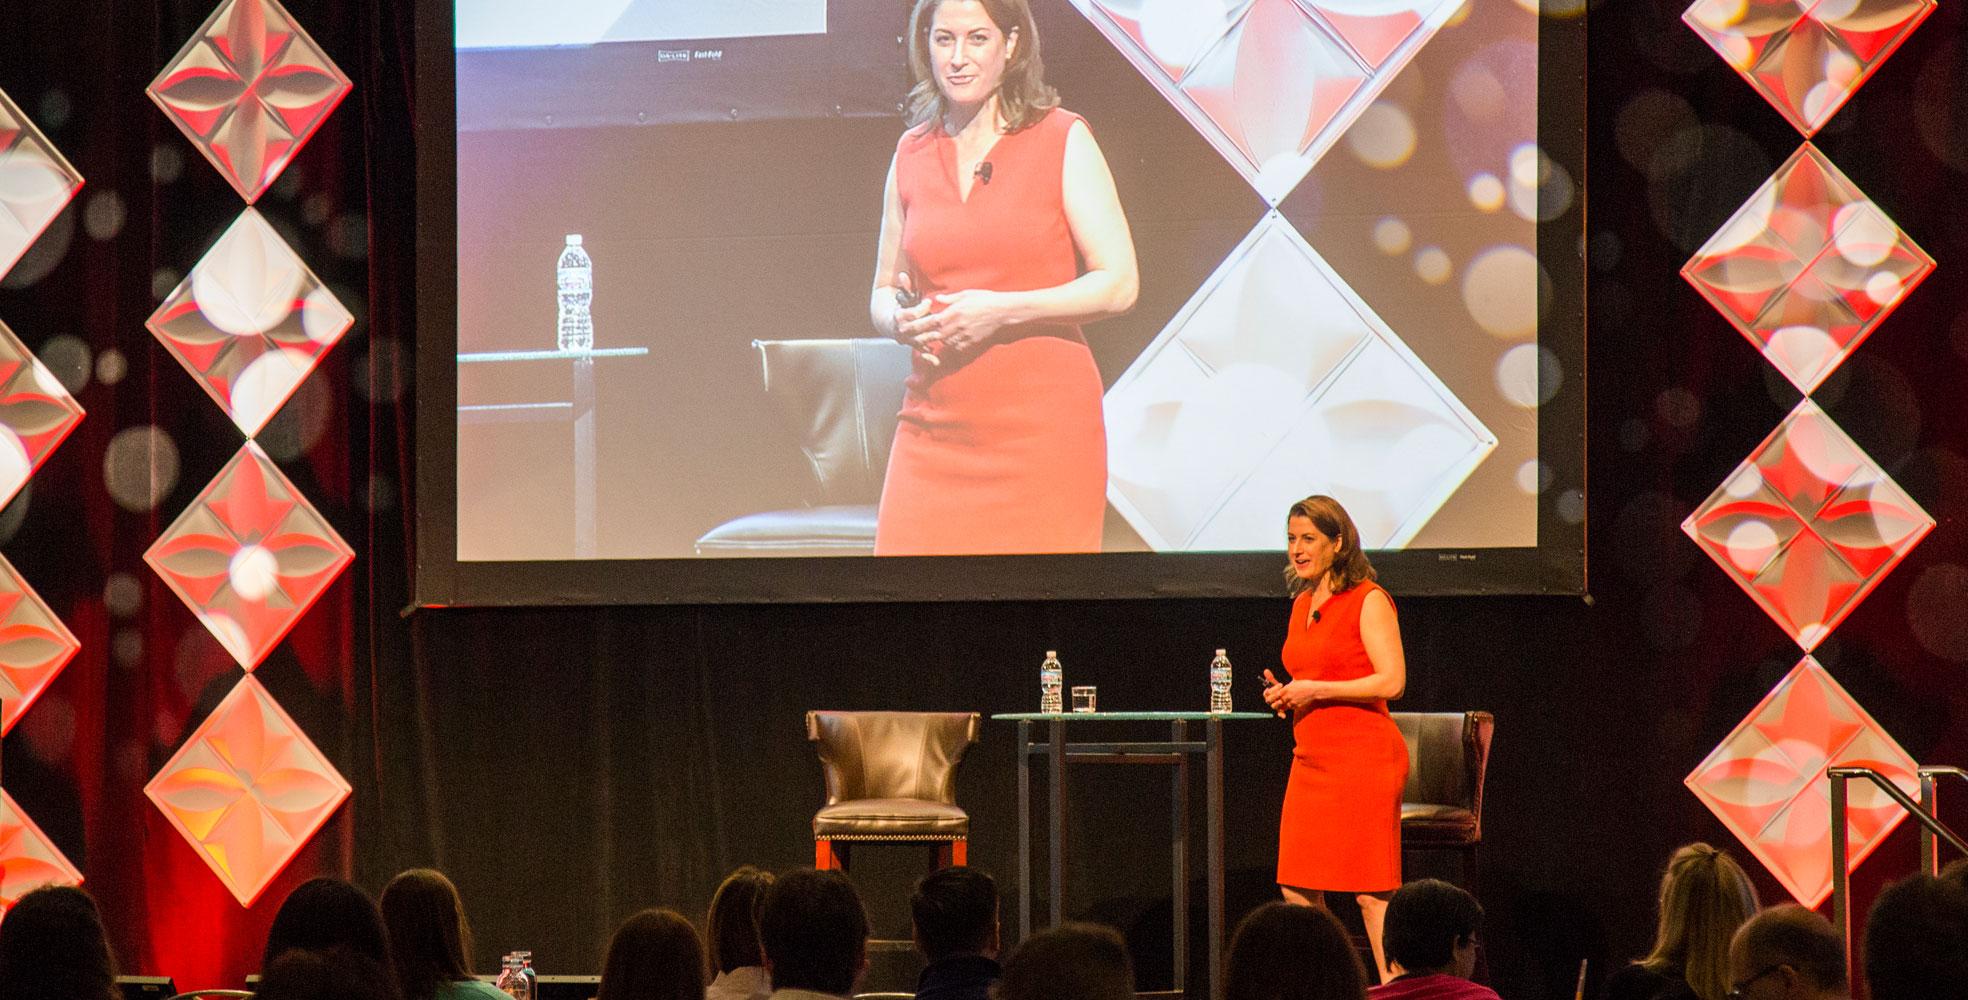 Susan Salgado speaking at Idea Exchange